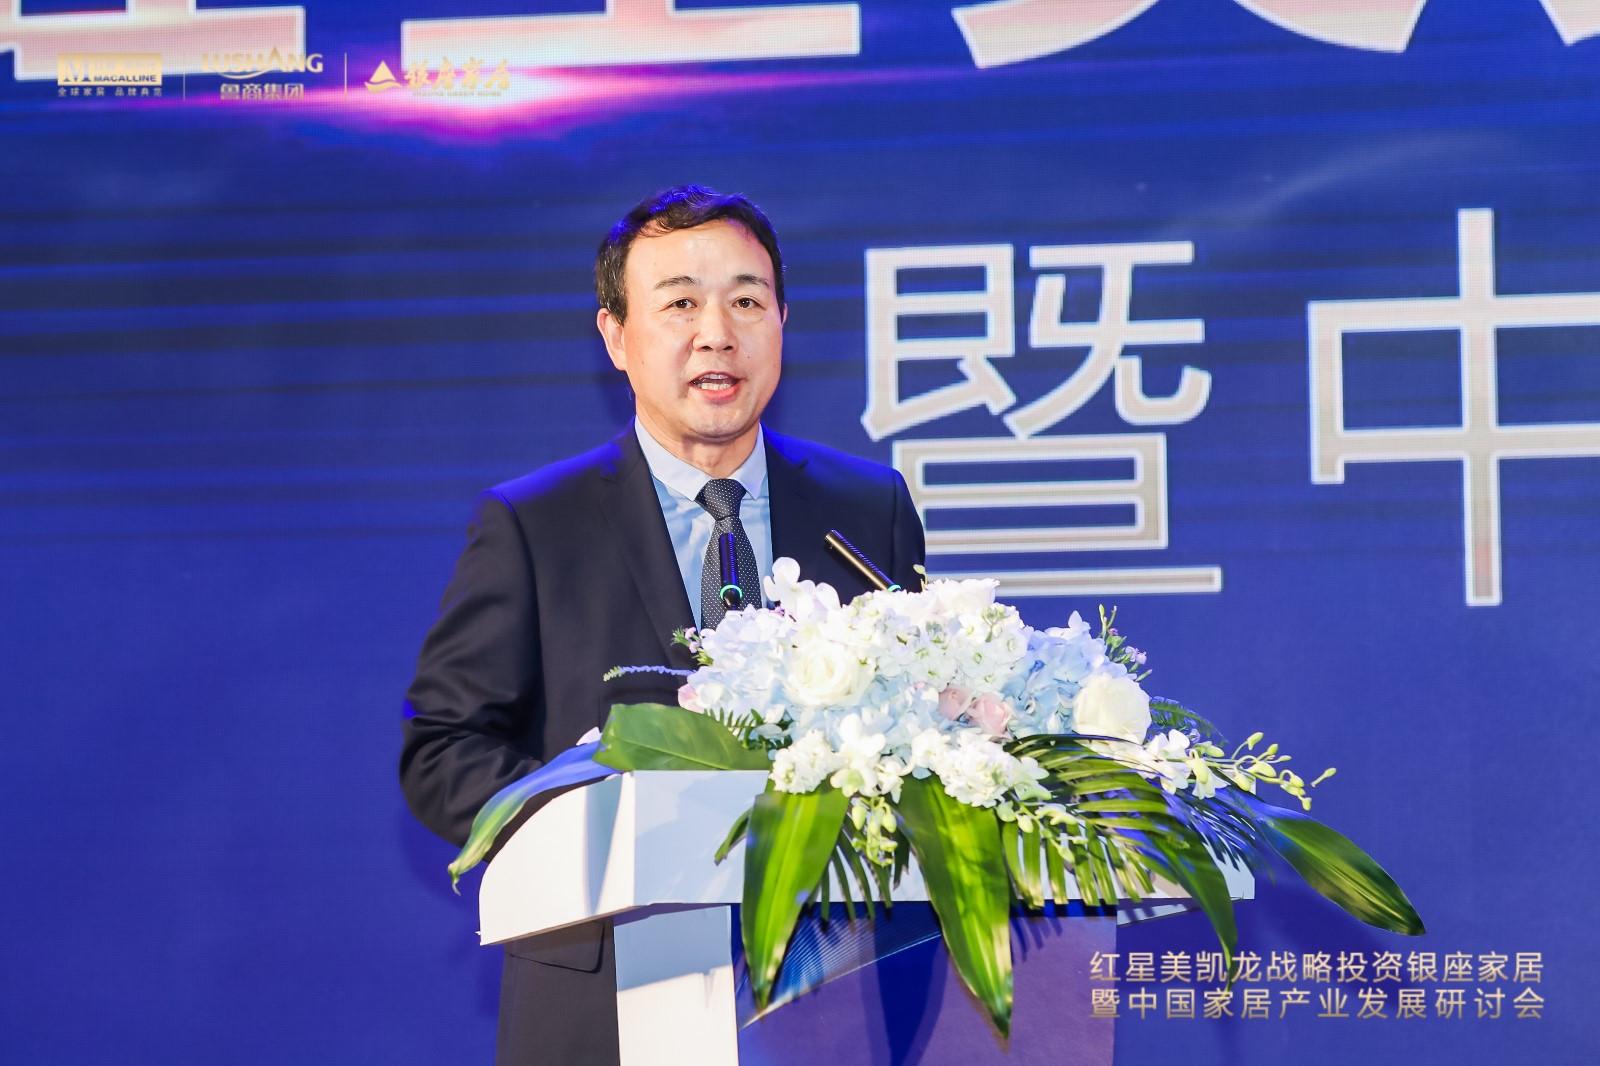 山东省商业集团、山东省文旅集团董事长高洪雷.jpg